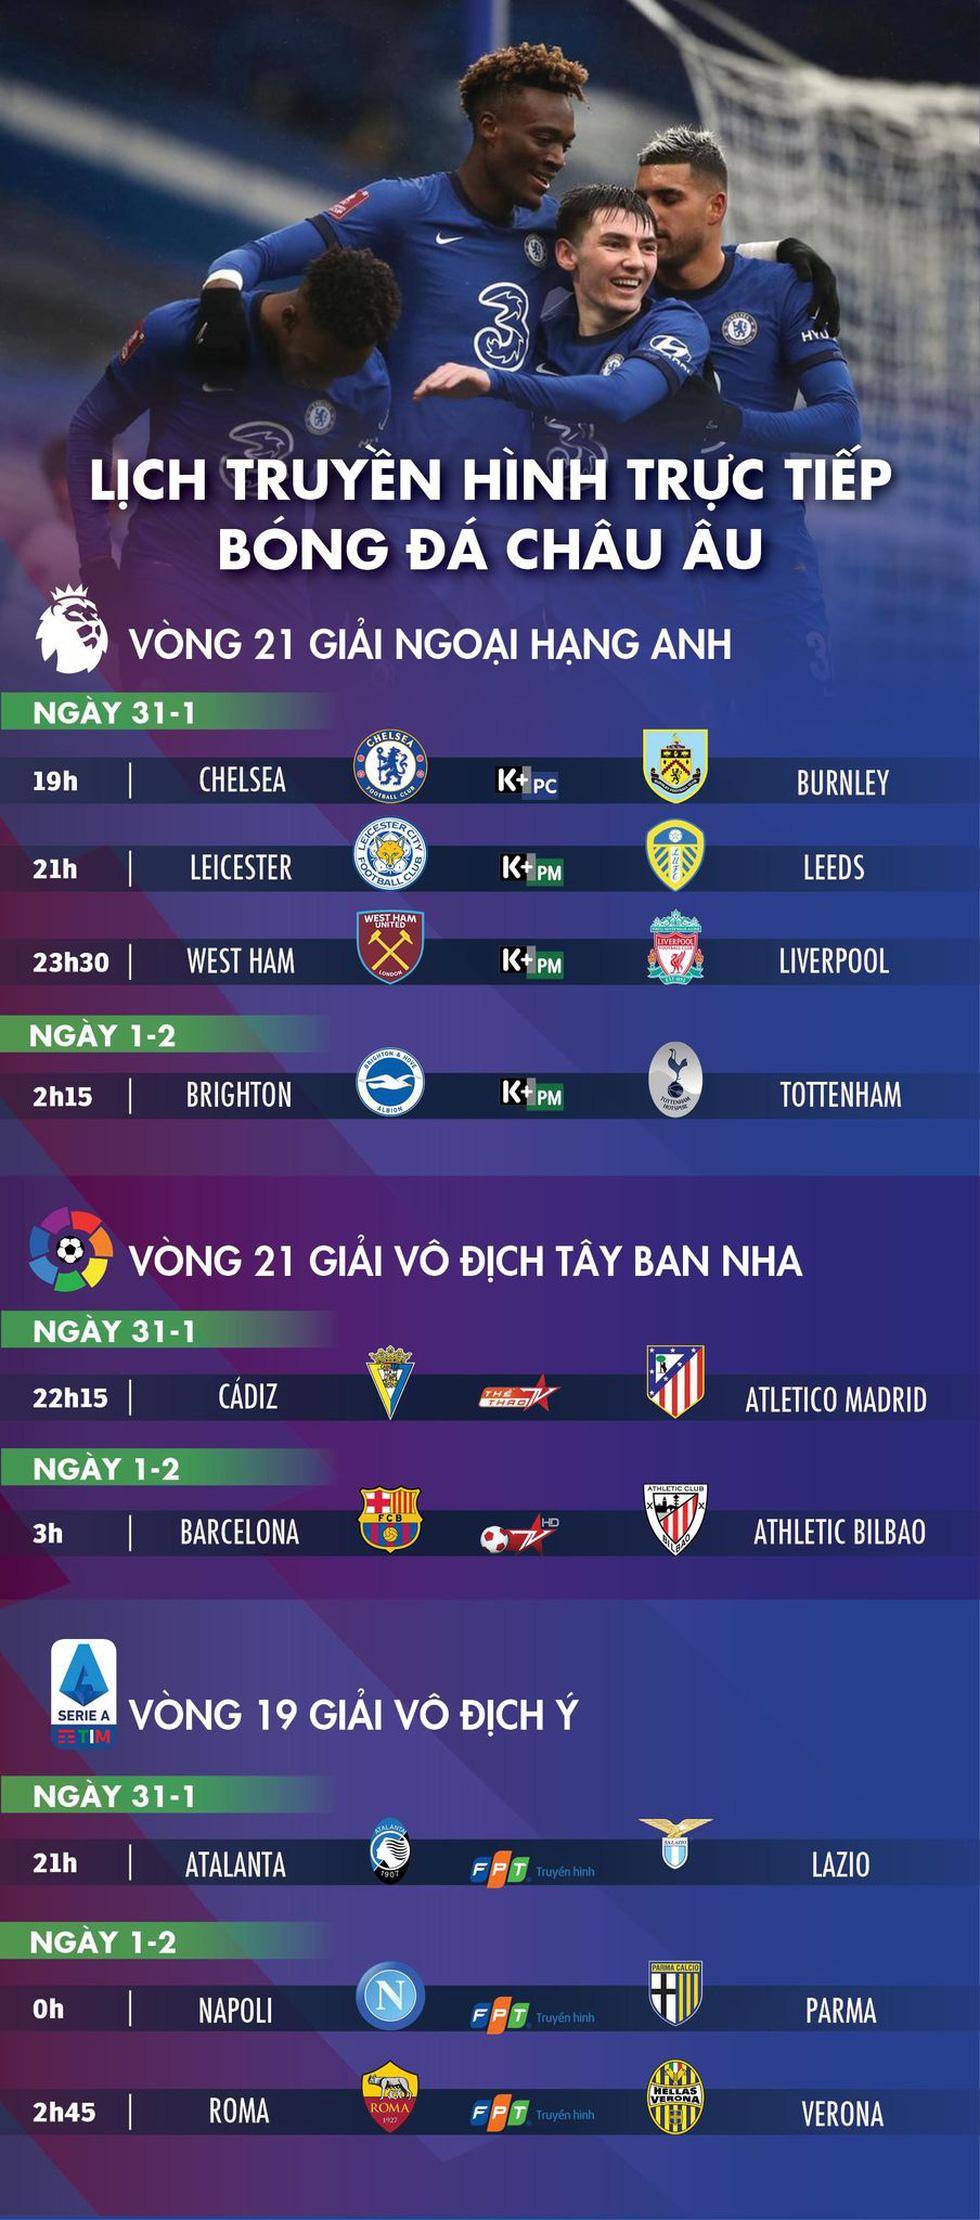 Lịch trực tiếp bóng đá châu Âu 31-1: Chelsea, Liverpool, Barca thi đấu - Ảnh 1.